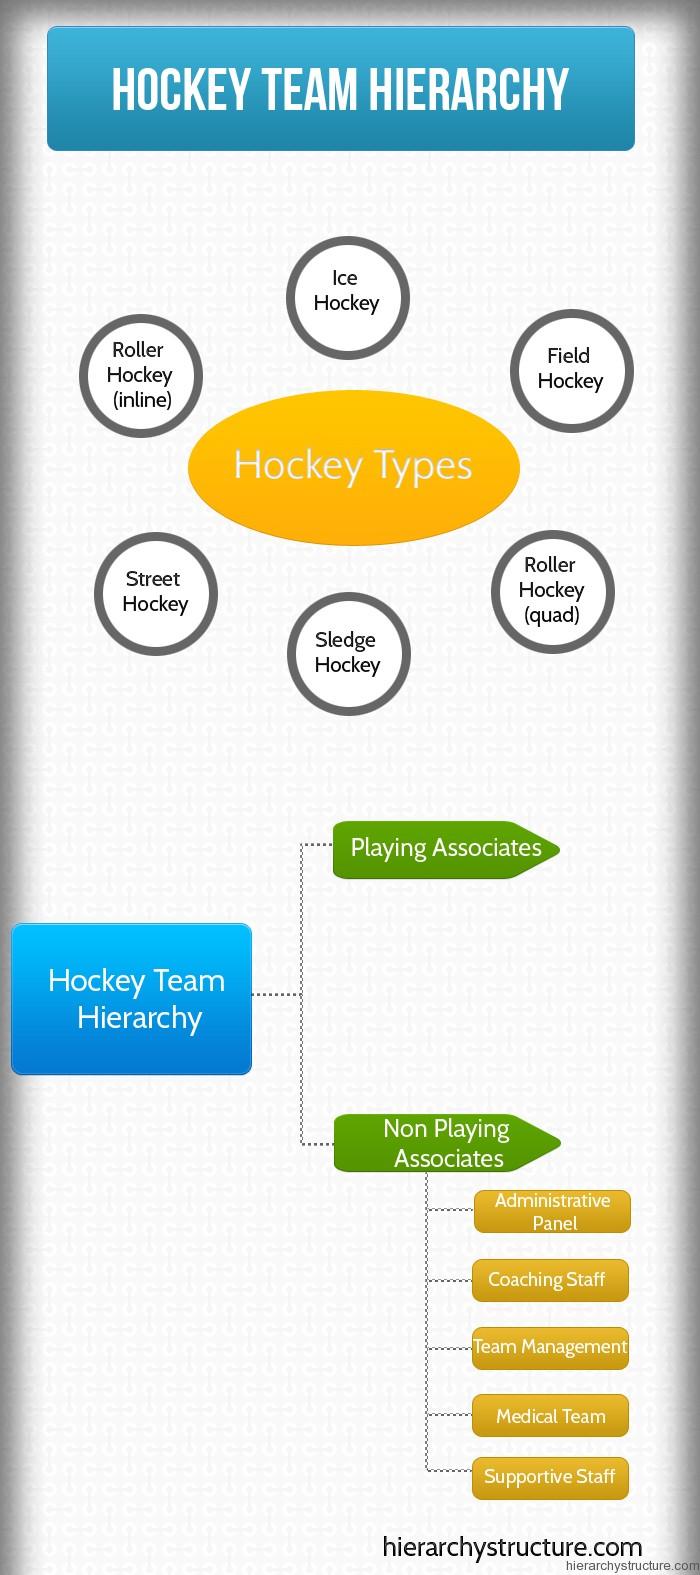 Hockey Team Hierarchy